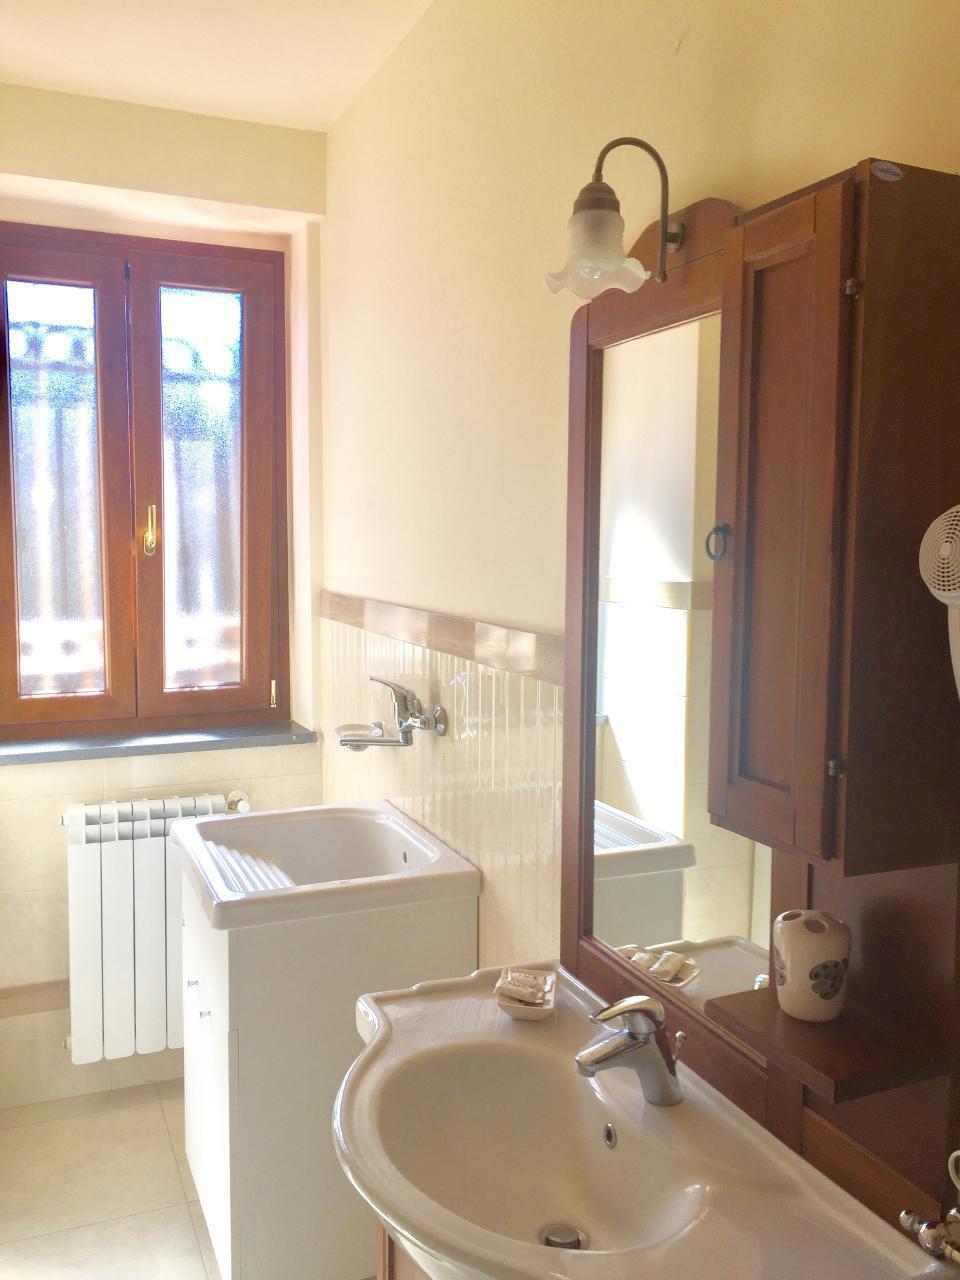 Appartement de vacances Etna Royal View -  Zwei-Zimmer-Wohnung mit Blick auf den Garten (2182582), Trecastagni, Catania, Sicile, Italie, image 24